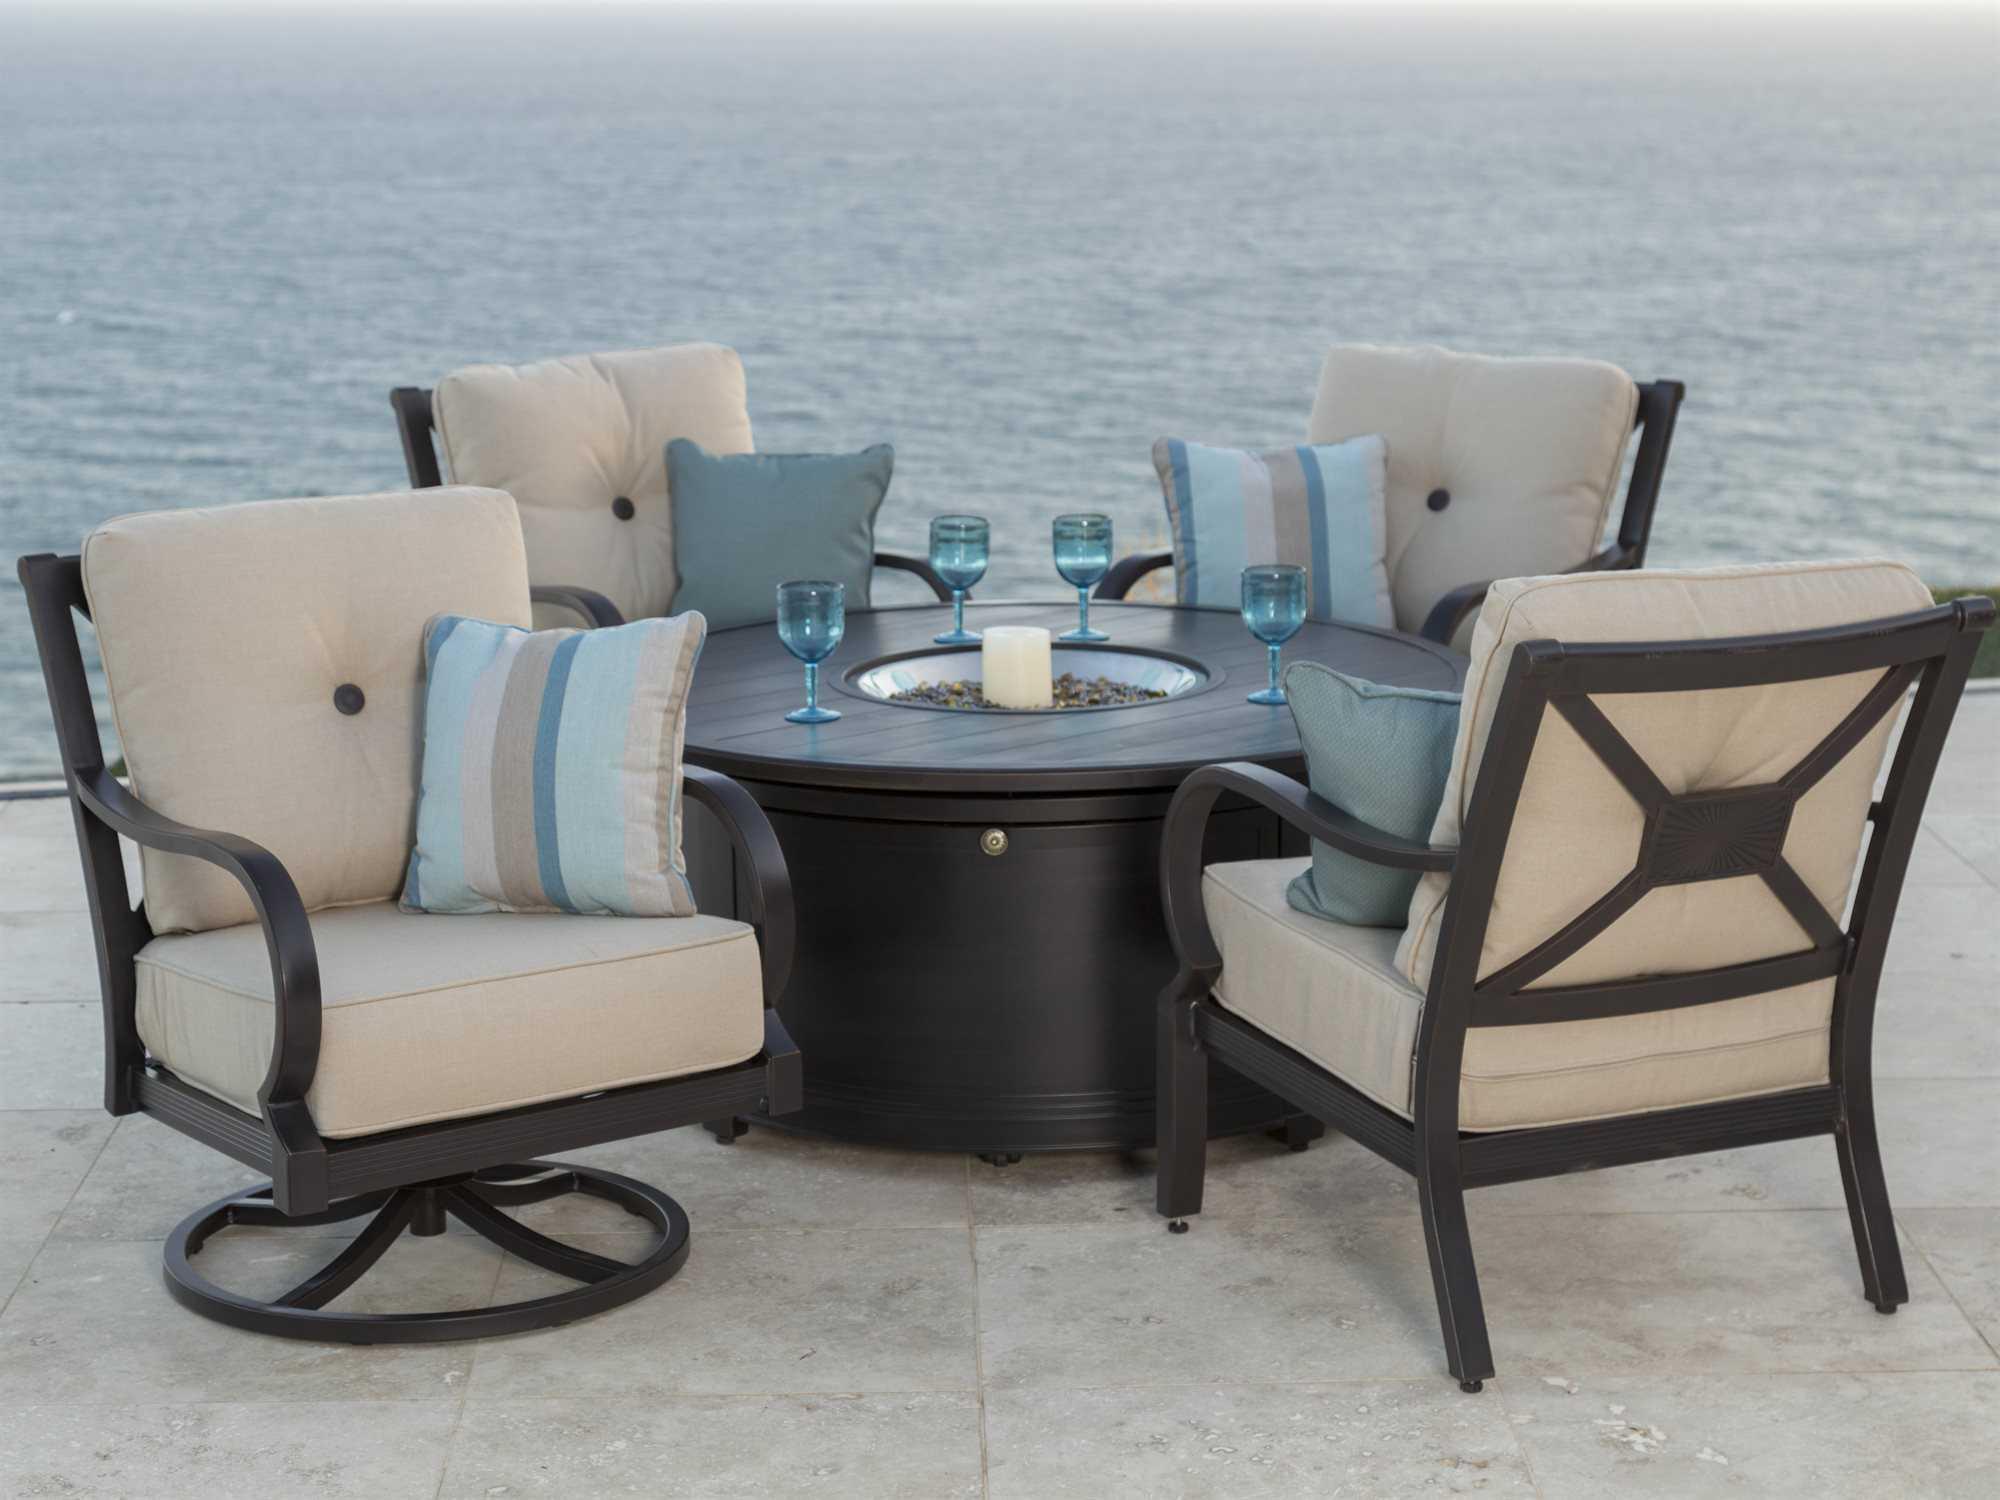 sailcloth beach chairs desk chair reviews 2018 sunvilla laurel cushion aluminum swivel lounge in sahara